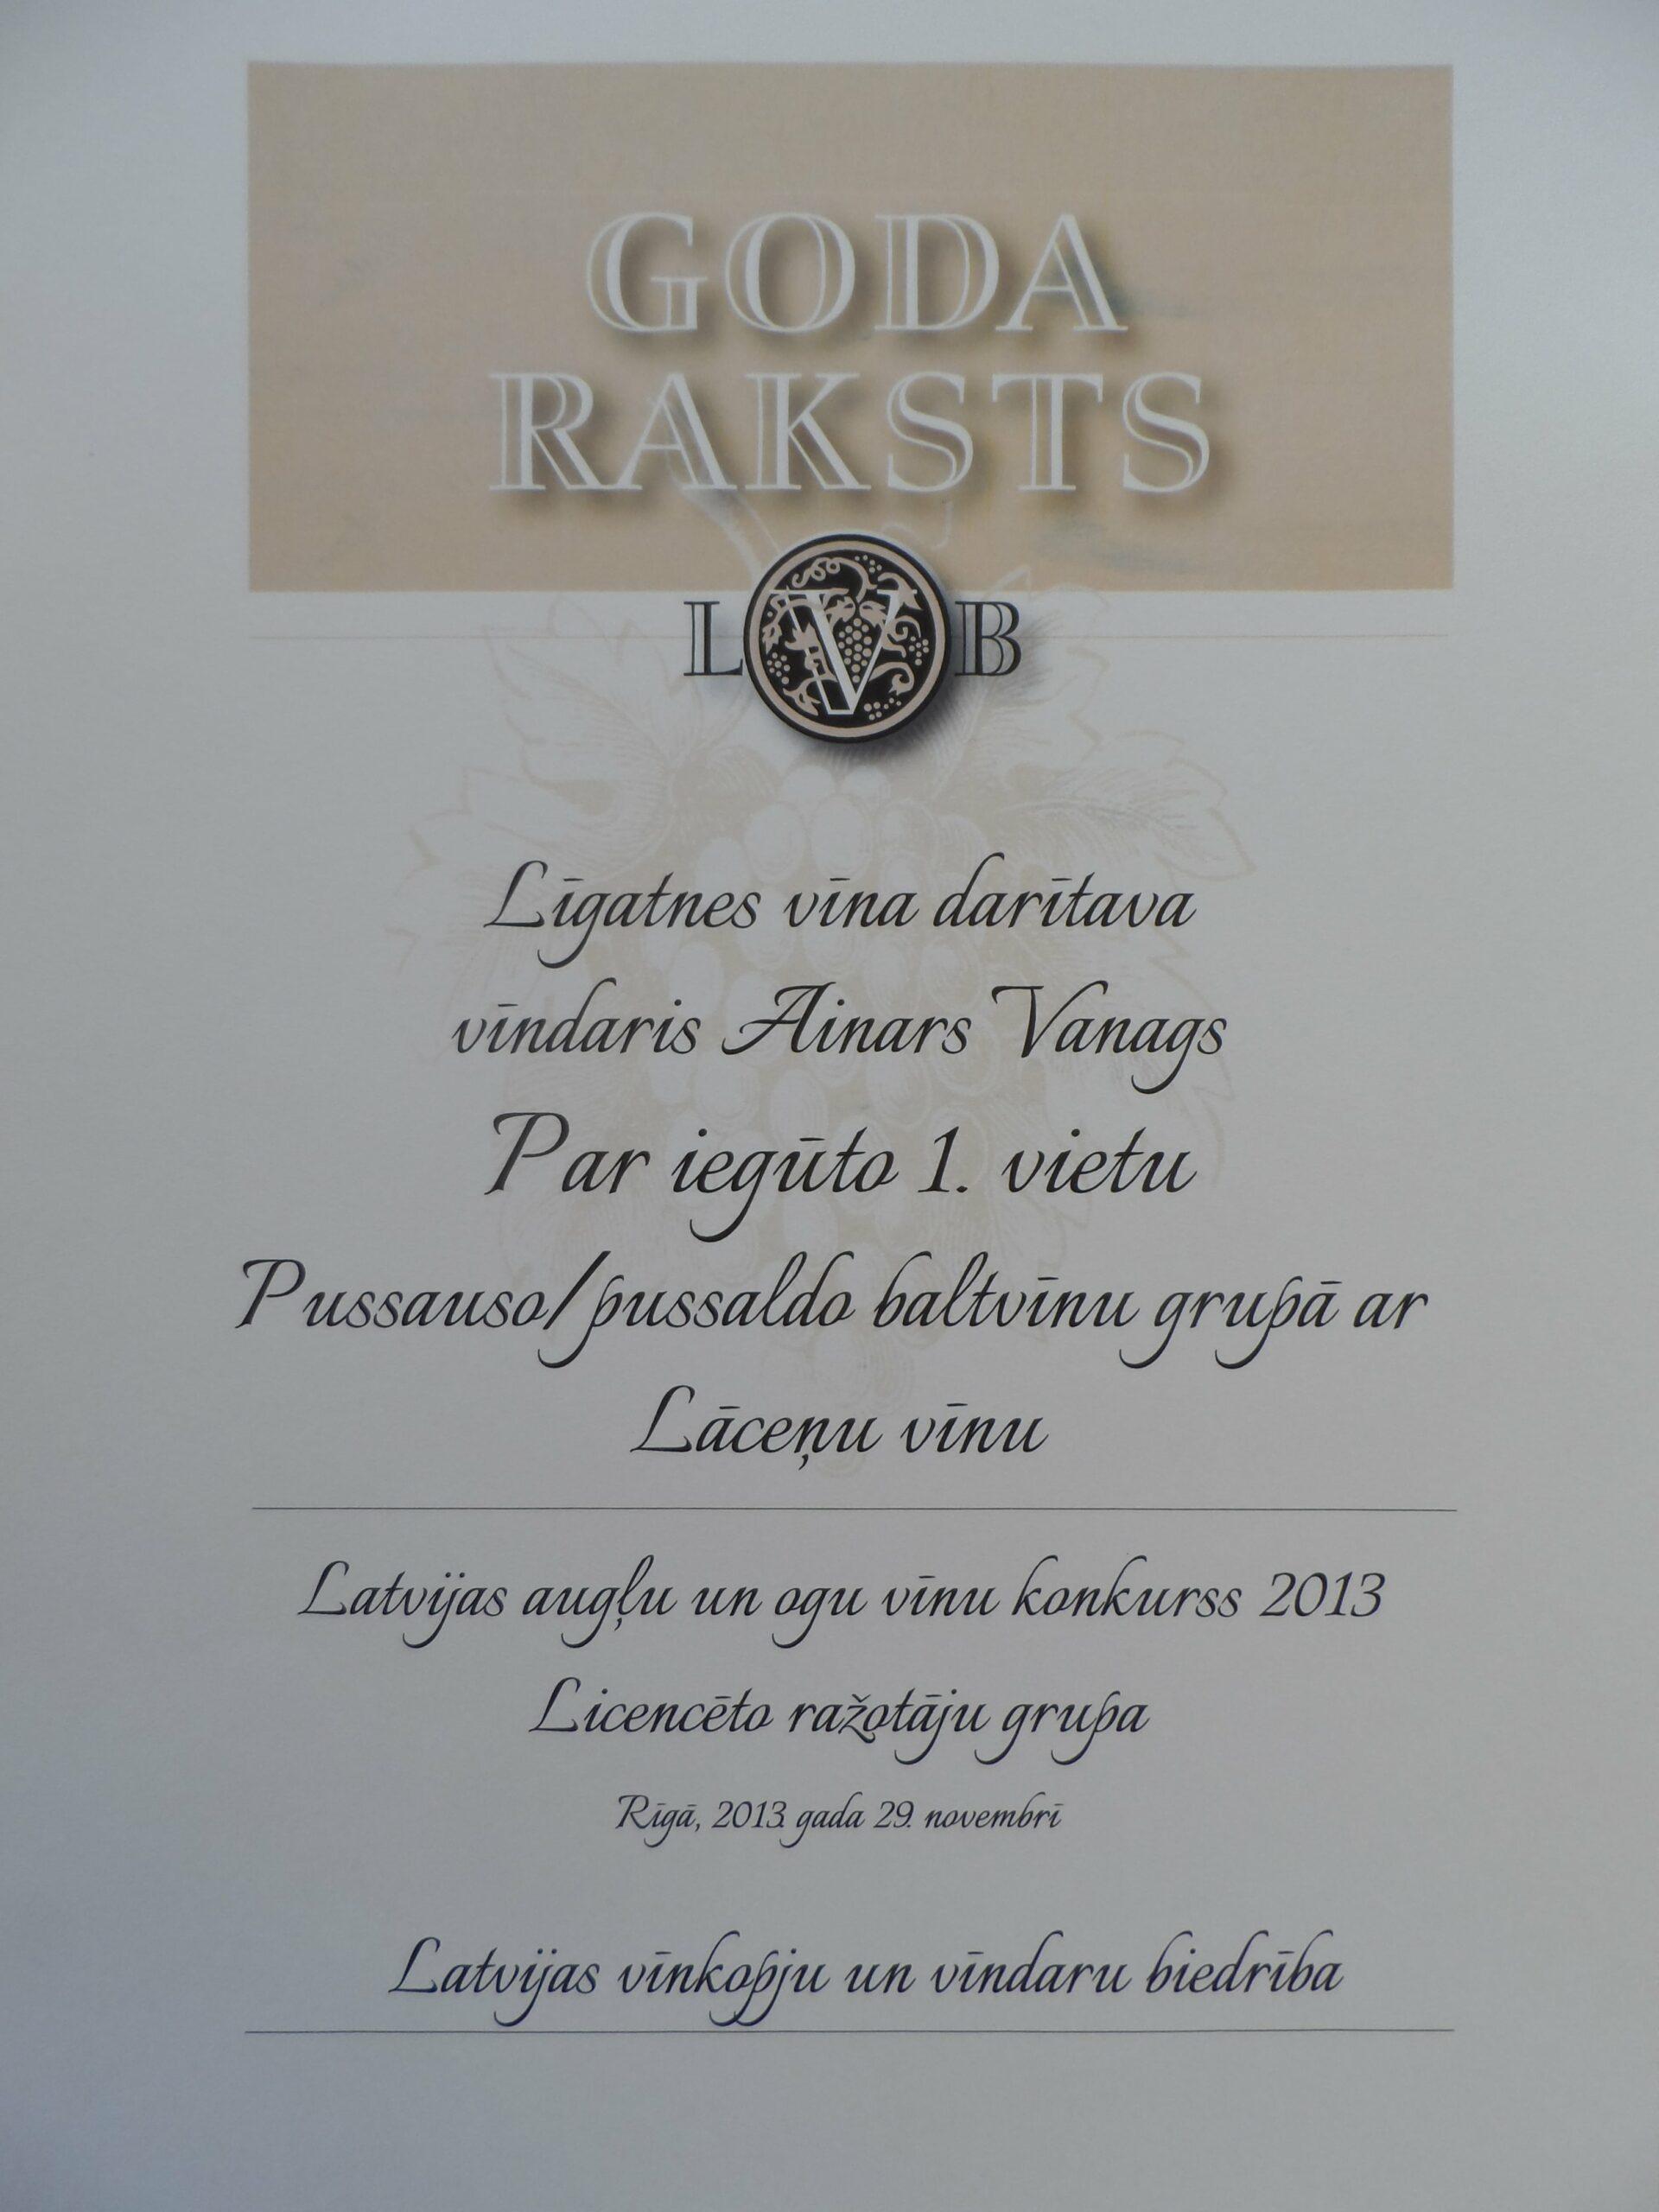 LVB 1.vieta Lāceņu vīns pussauso/pussaldo baltvīnu grupā